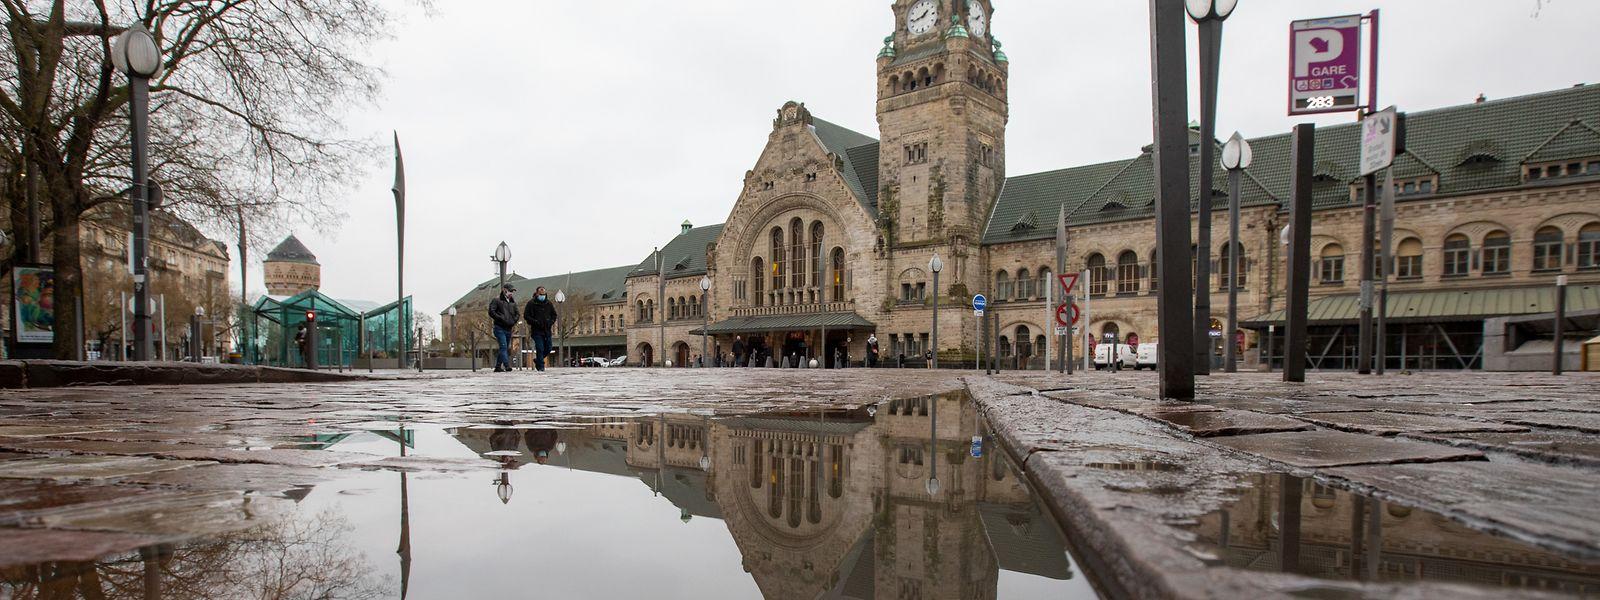 Ville de Metz, Moselle, Lorraine, Frontaliers, Gare de Metz, SNCF, Foto: Chris Karaba/Luxemburger Wort